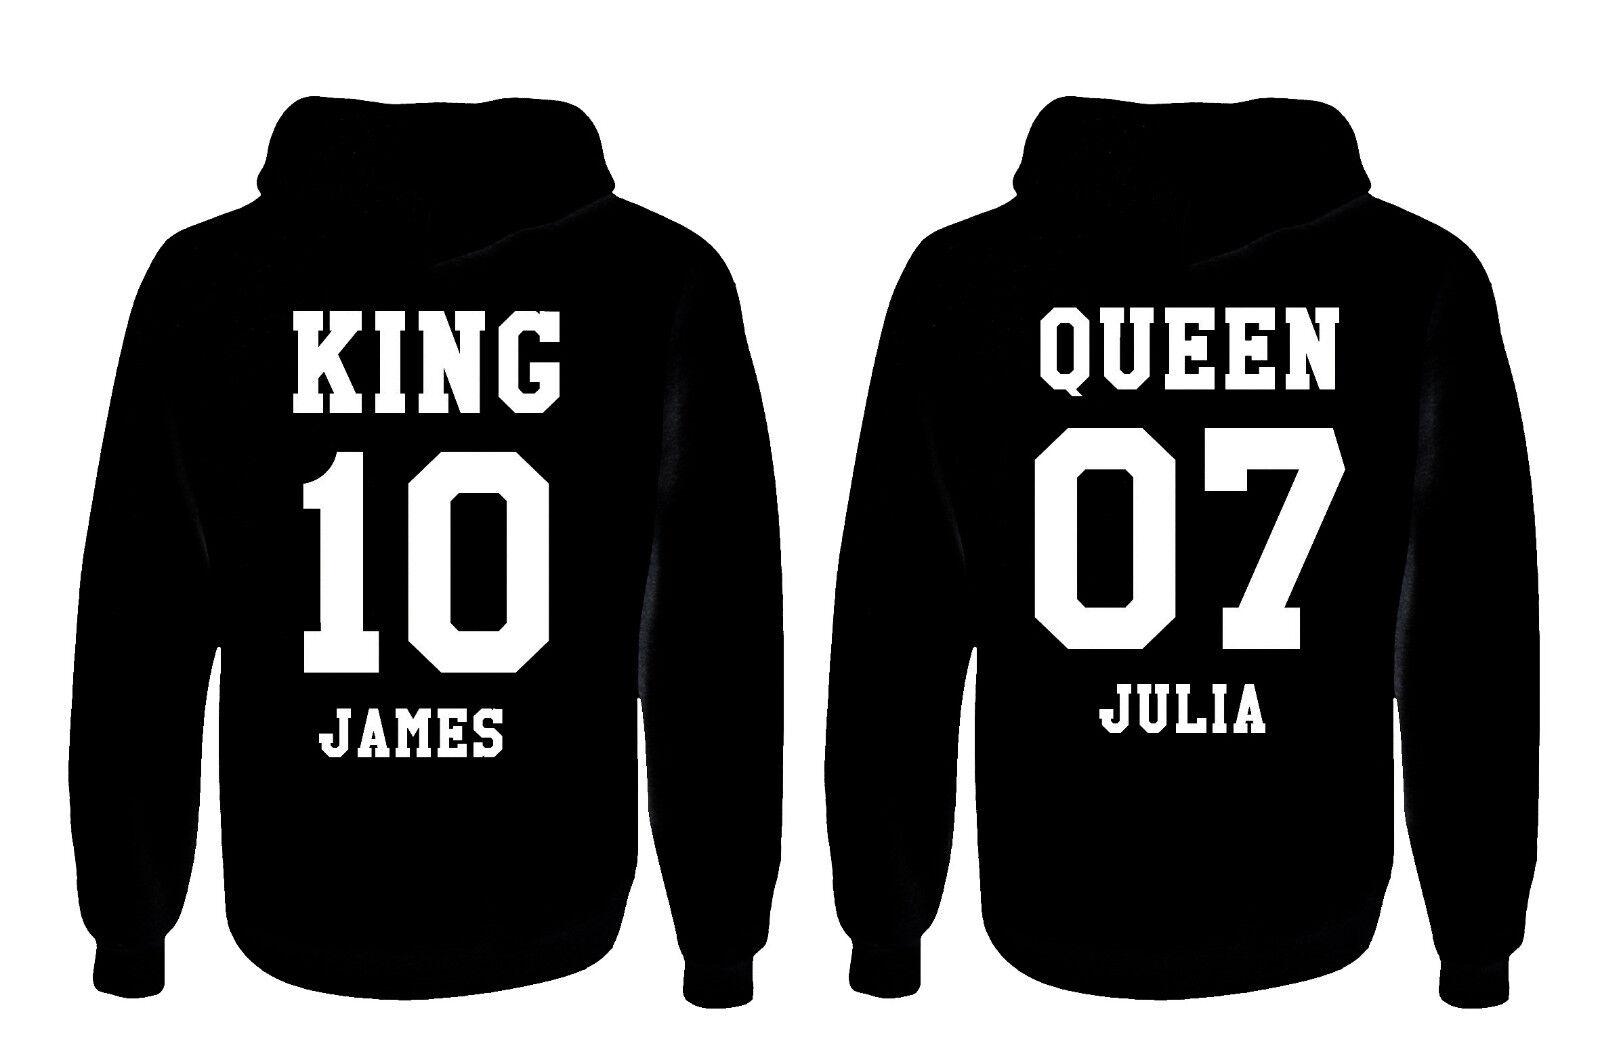 2x King Queen Partner Hoodies Sweatshirt alle Größen NEU 2 Stk. Bonnie & Clyde